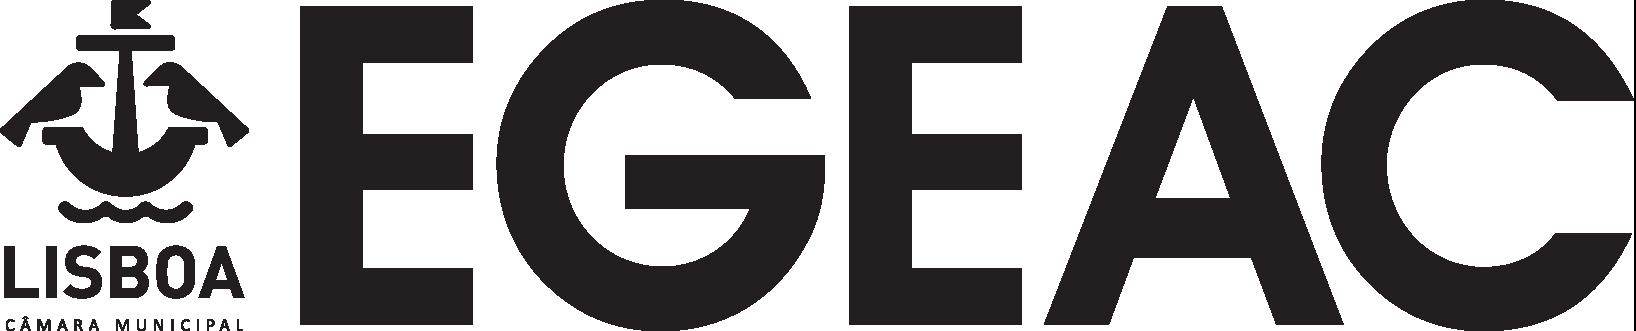 egeac_1_.png